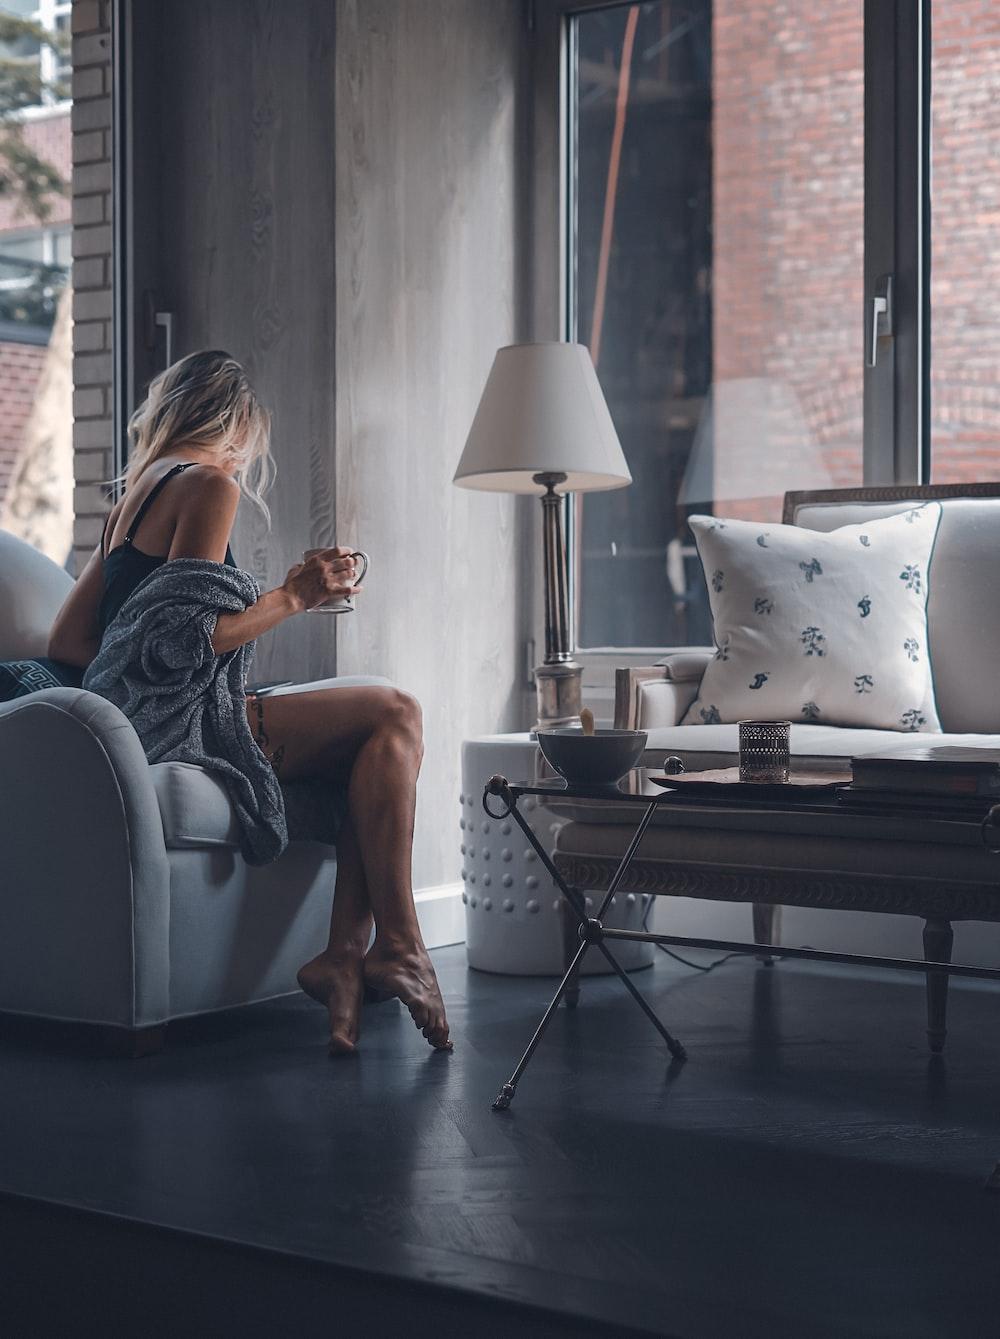 woman sitting on gray sofa chair holding mug